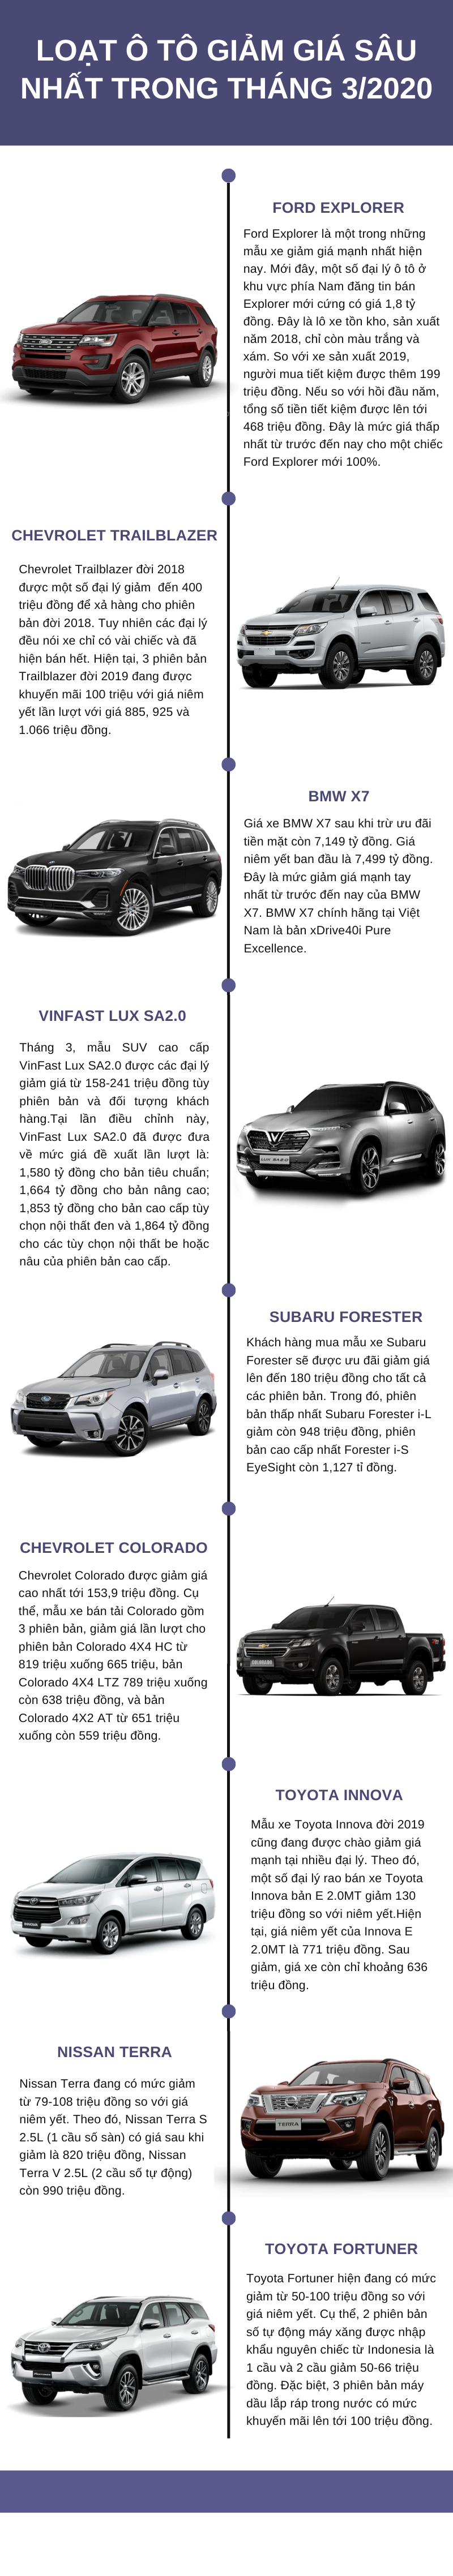 Loạt ô tô giảm giá sâu nhất trong tháng 3/2020, cơ hội vàng cho người mua - Ảnh 1.